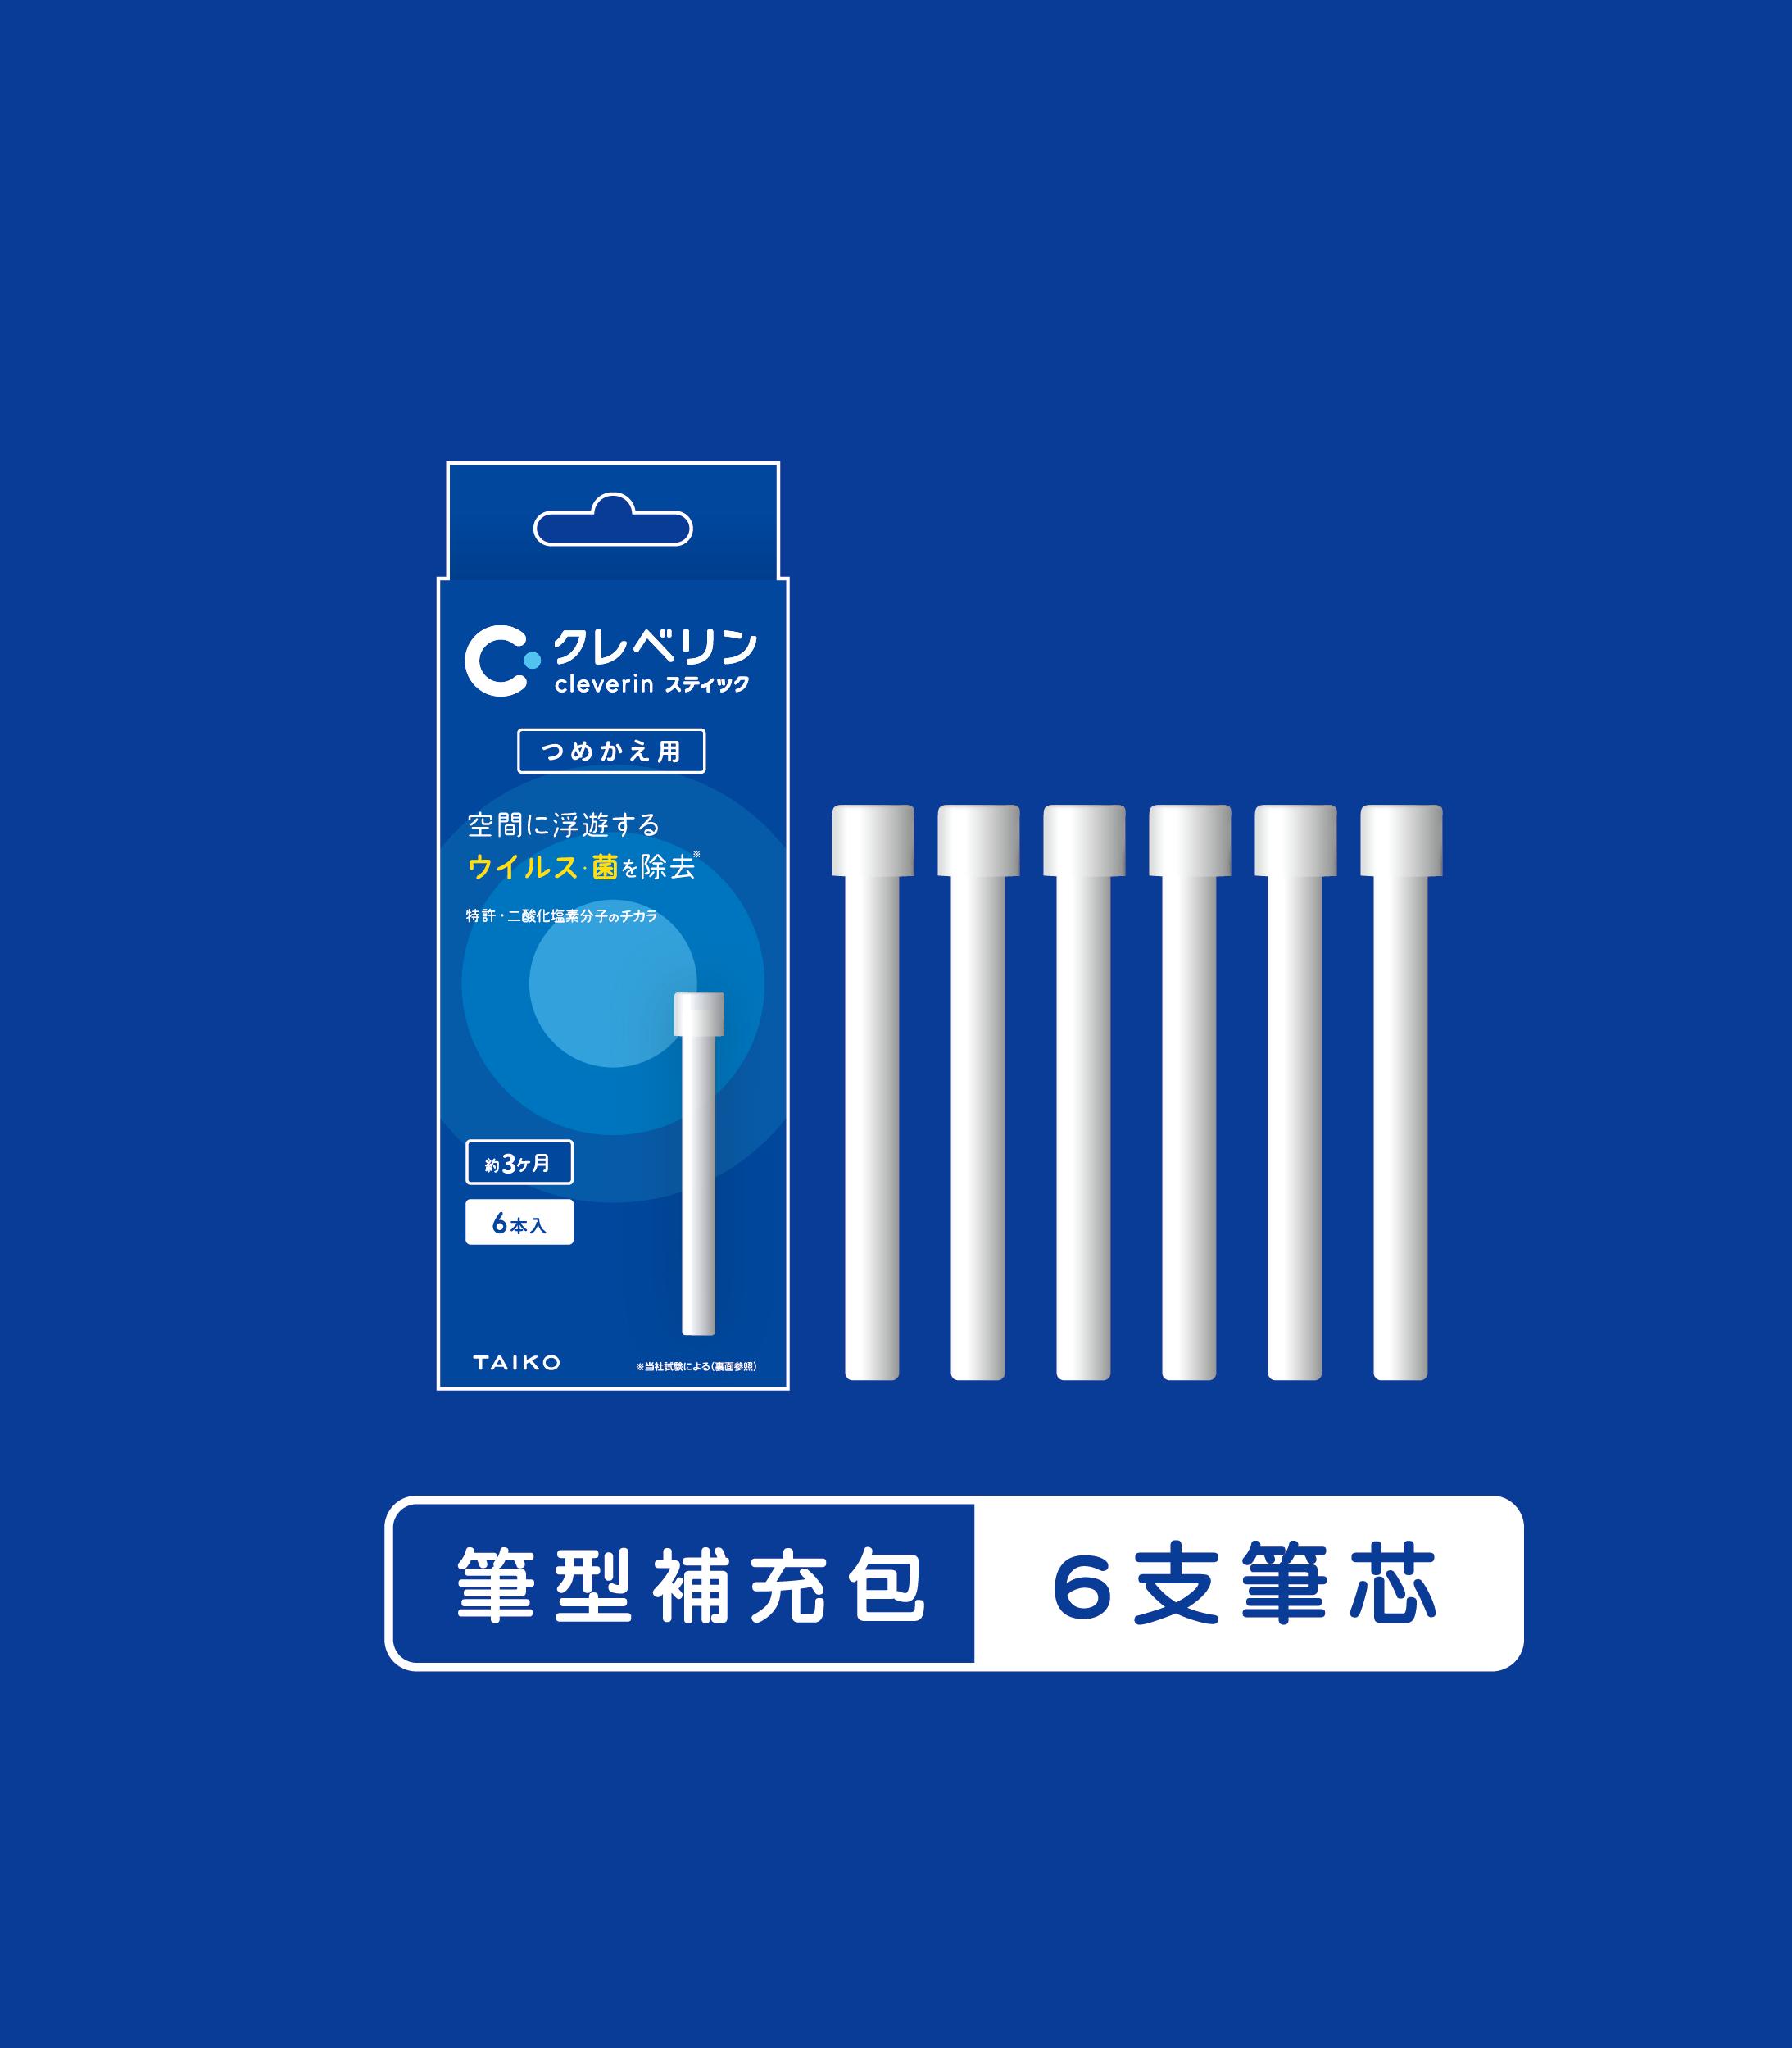 加護靈筆型補充包產品照,筆型補充包一盒有6支筆芯,共可使用3個月